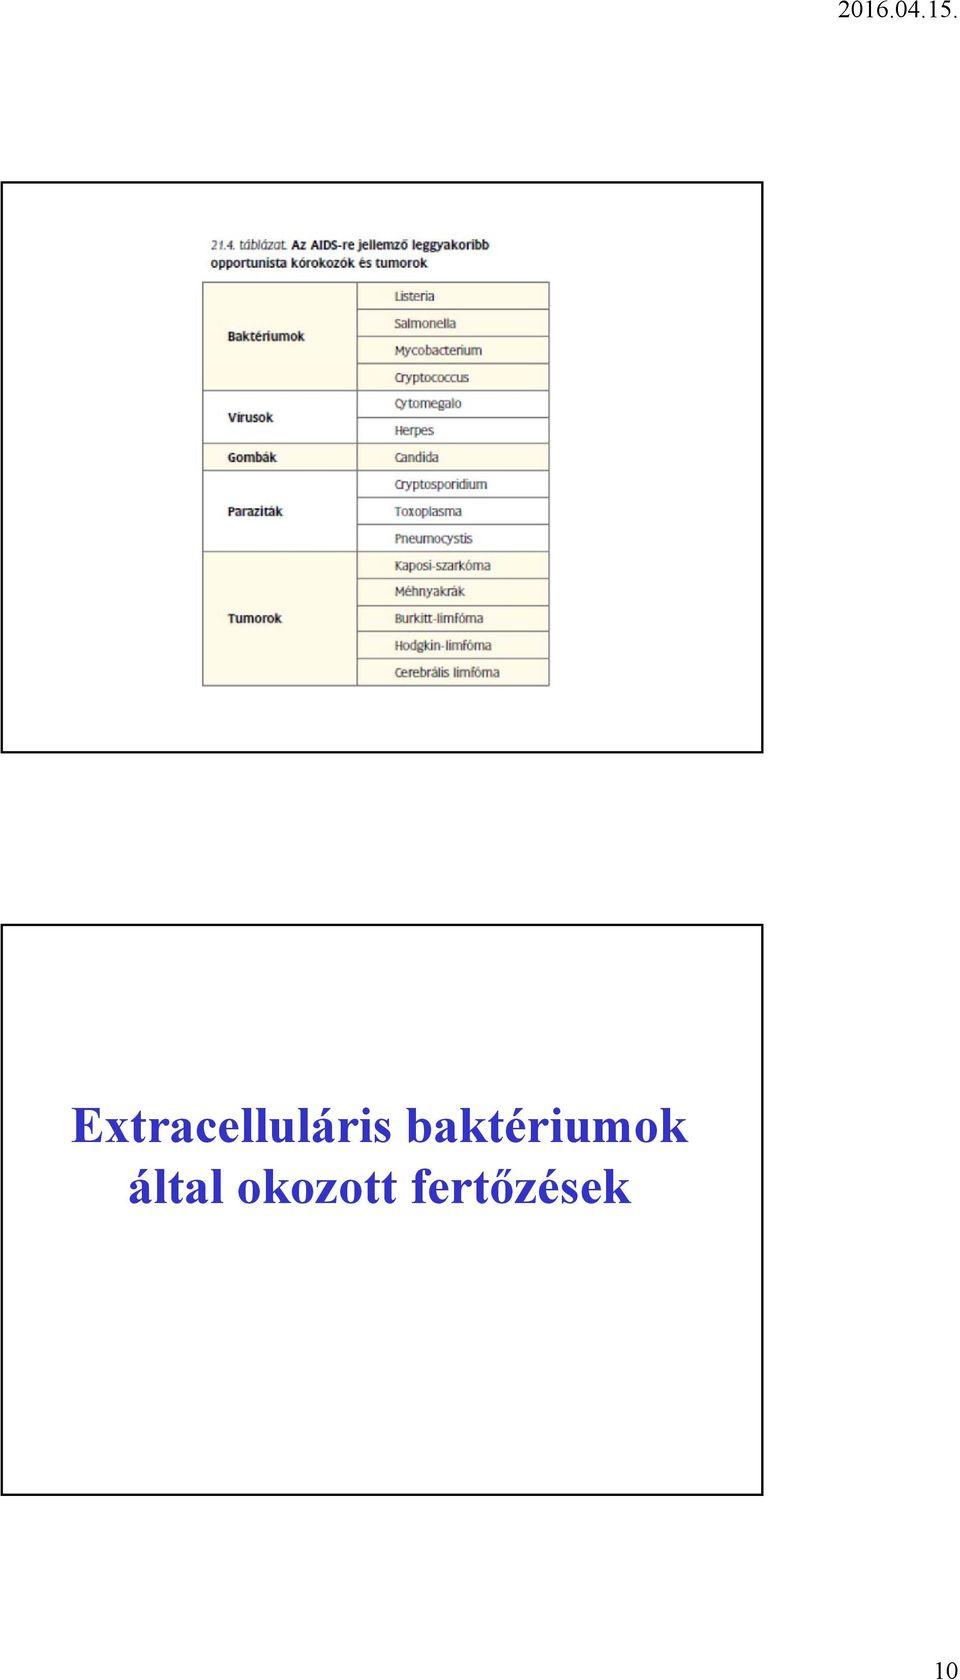 Elinix kemĂŠny kapszula 28x - StatimPatika - Online Patika